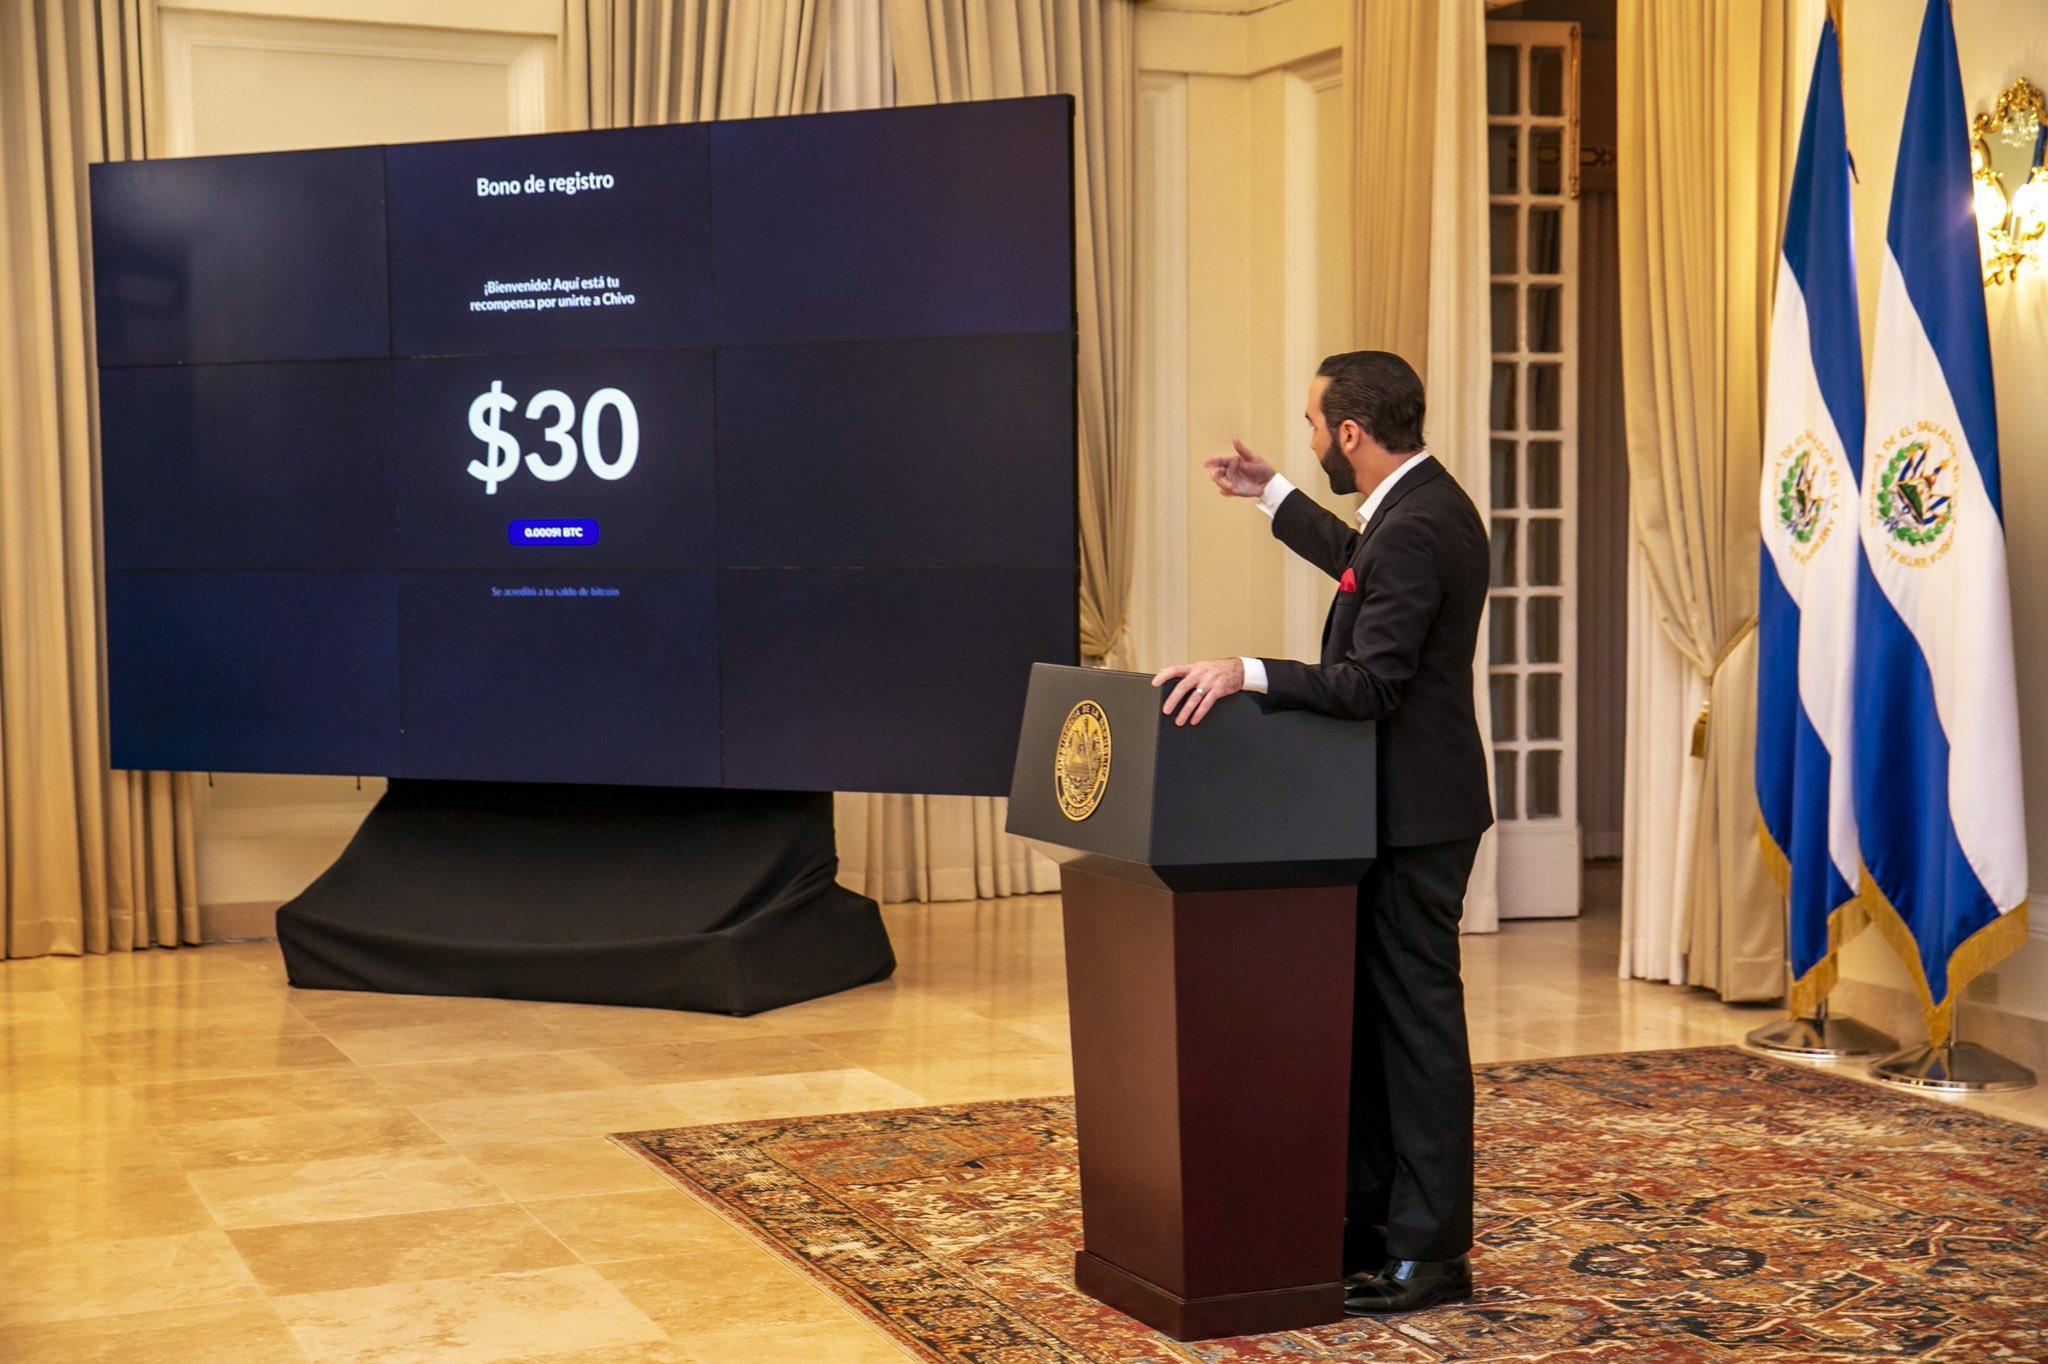 El Salvador is giving away $30 in Bitcoin